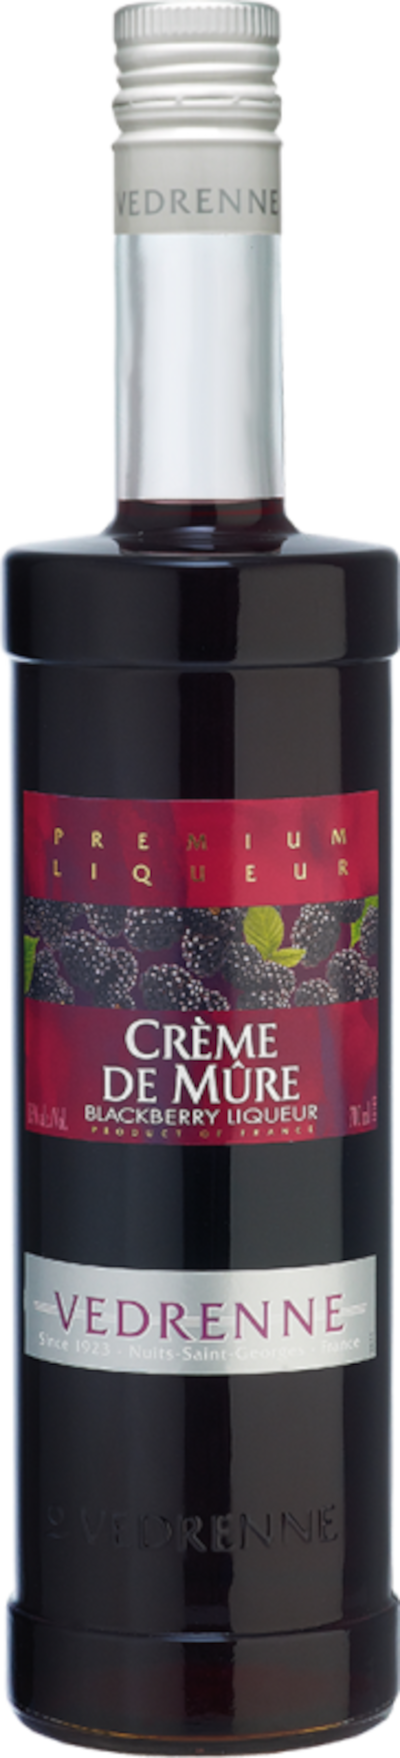 Vedrenne - Crème de Mûre